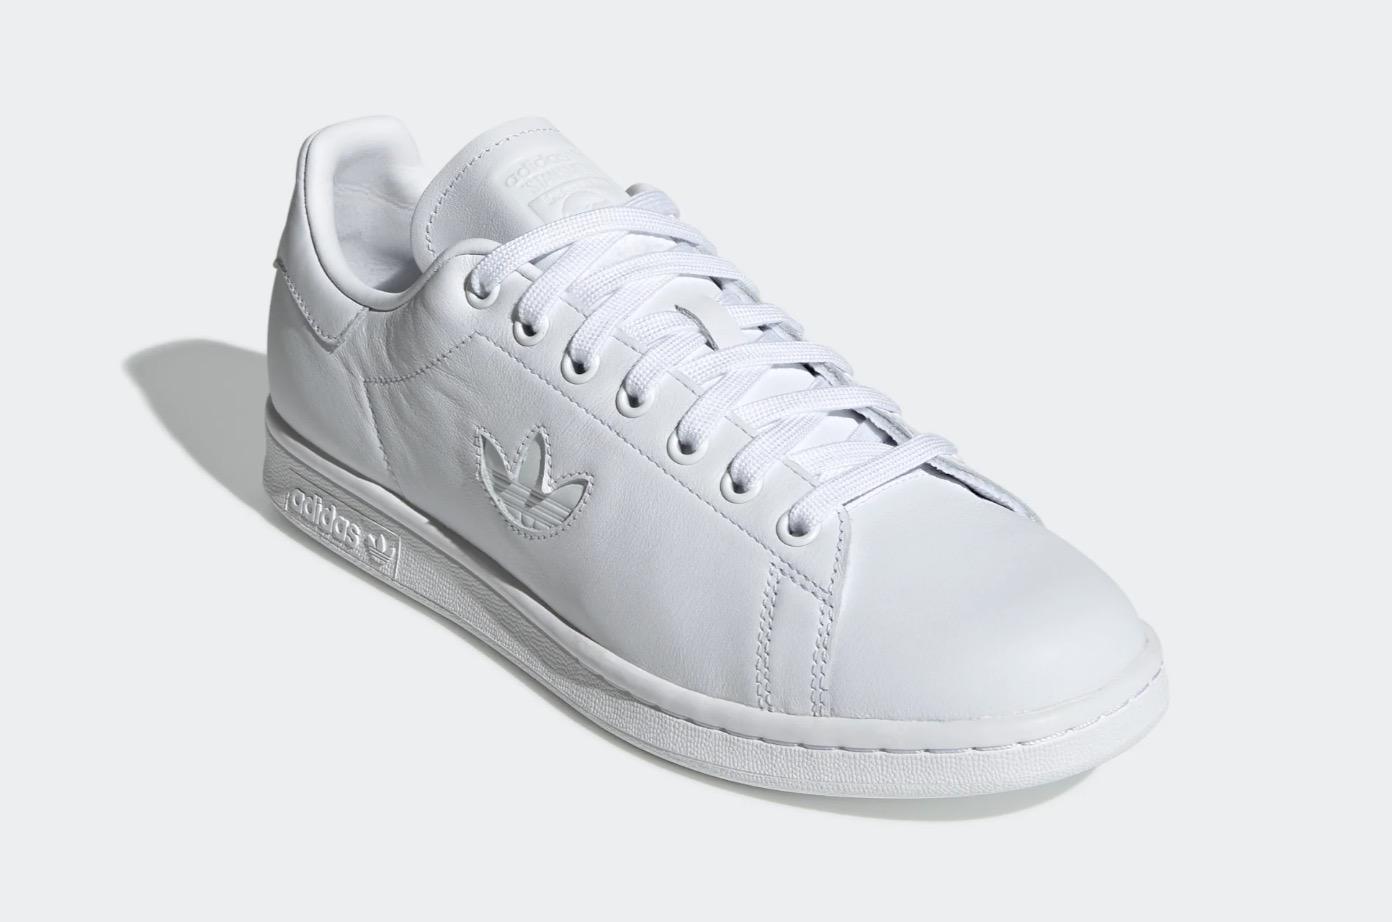 adidas Stan Smith White Trefoil